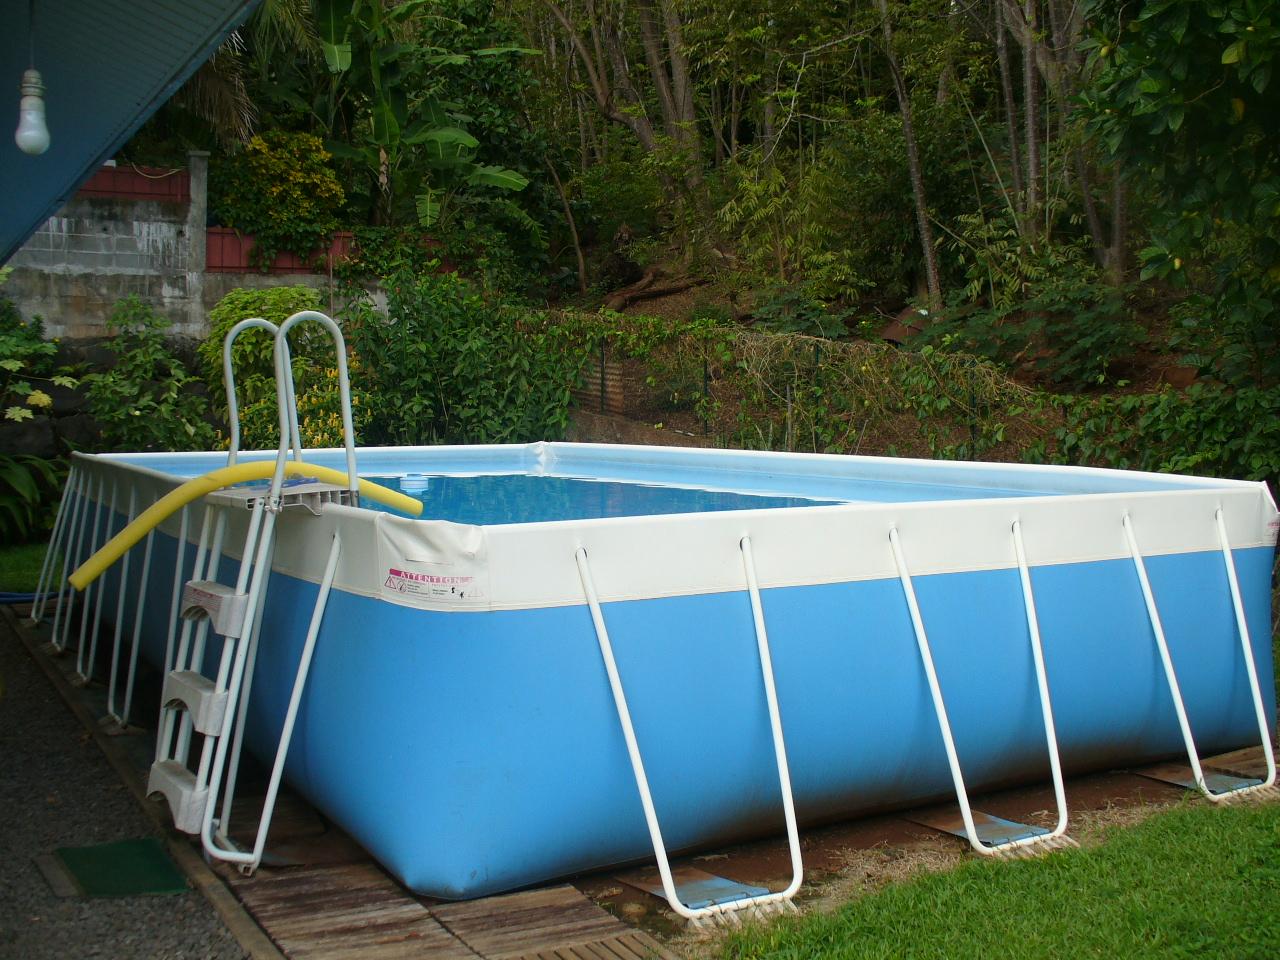 Hydropool lt classic laghetto for Prix piscine laghetto